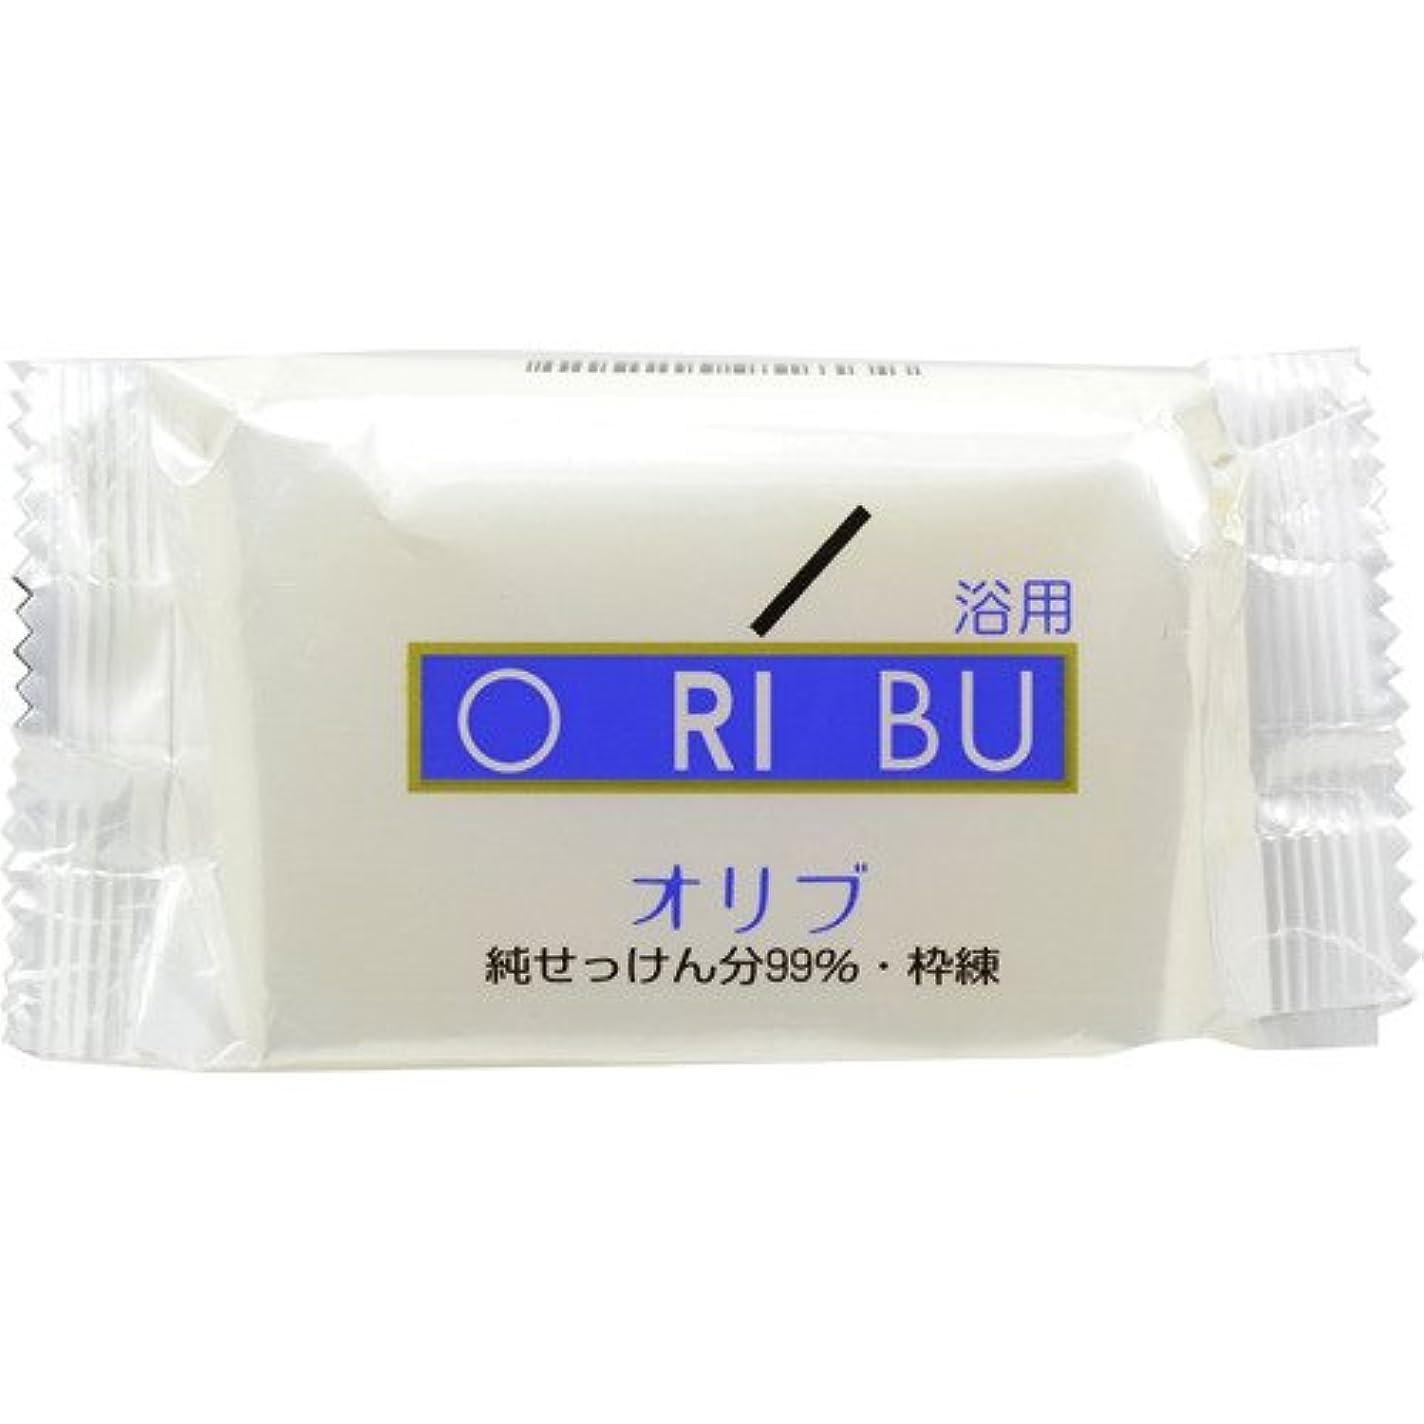 出会い習慣ベース浴用オリブ 110g